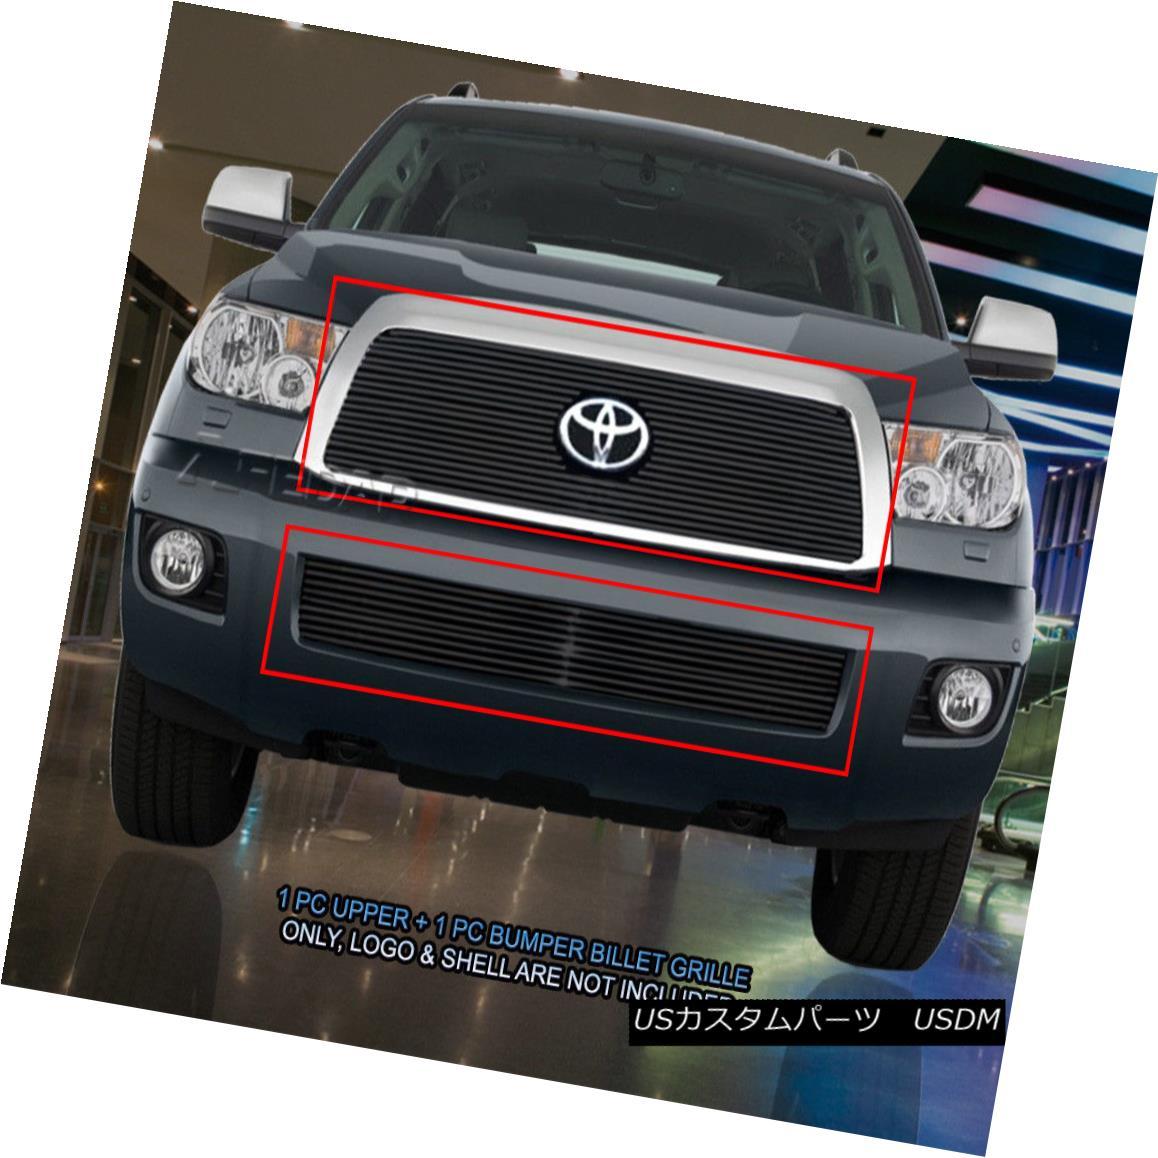 グリル 08-13 Toyota Sequoia Black Billet Grille Combo Grill Insert Fedar 08-13トヨタセコイアブラックビレットグリルコンボグリルインサートフェルダー